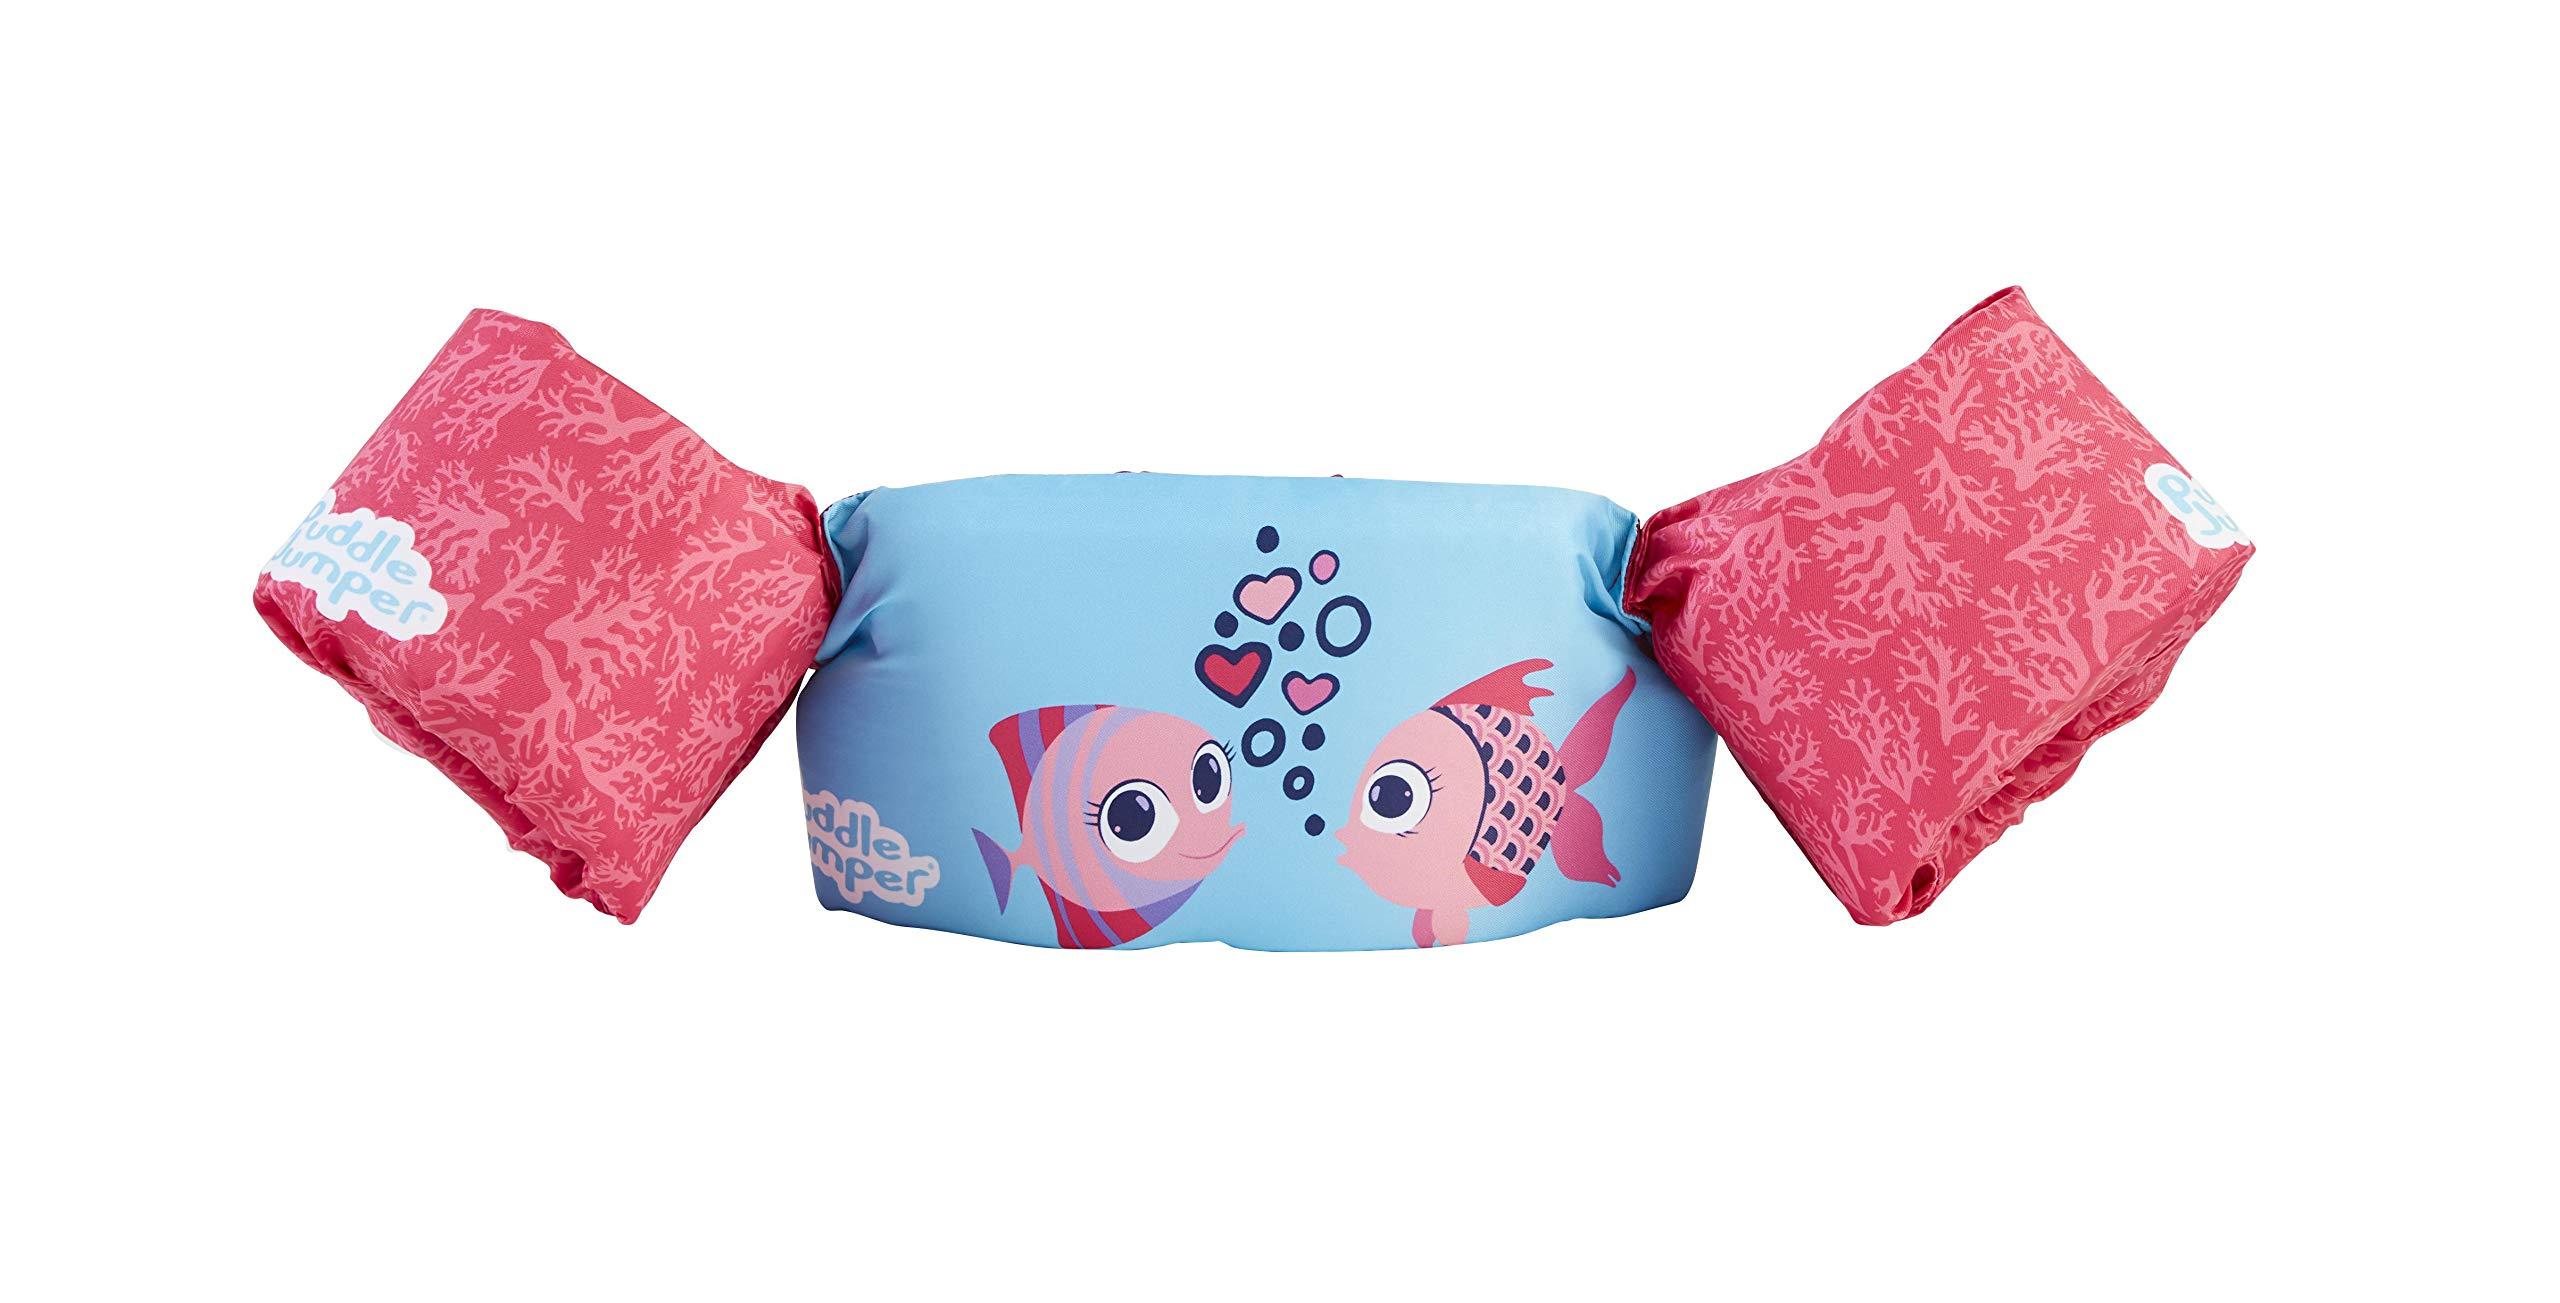 Stearns Puddle Jumper Kids Life Jacket   Life Vest for Children, Coral Fish, 30-50 Pounds